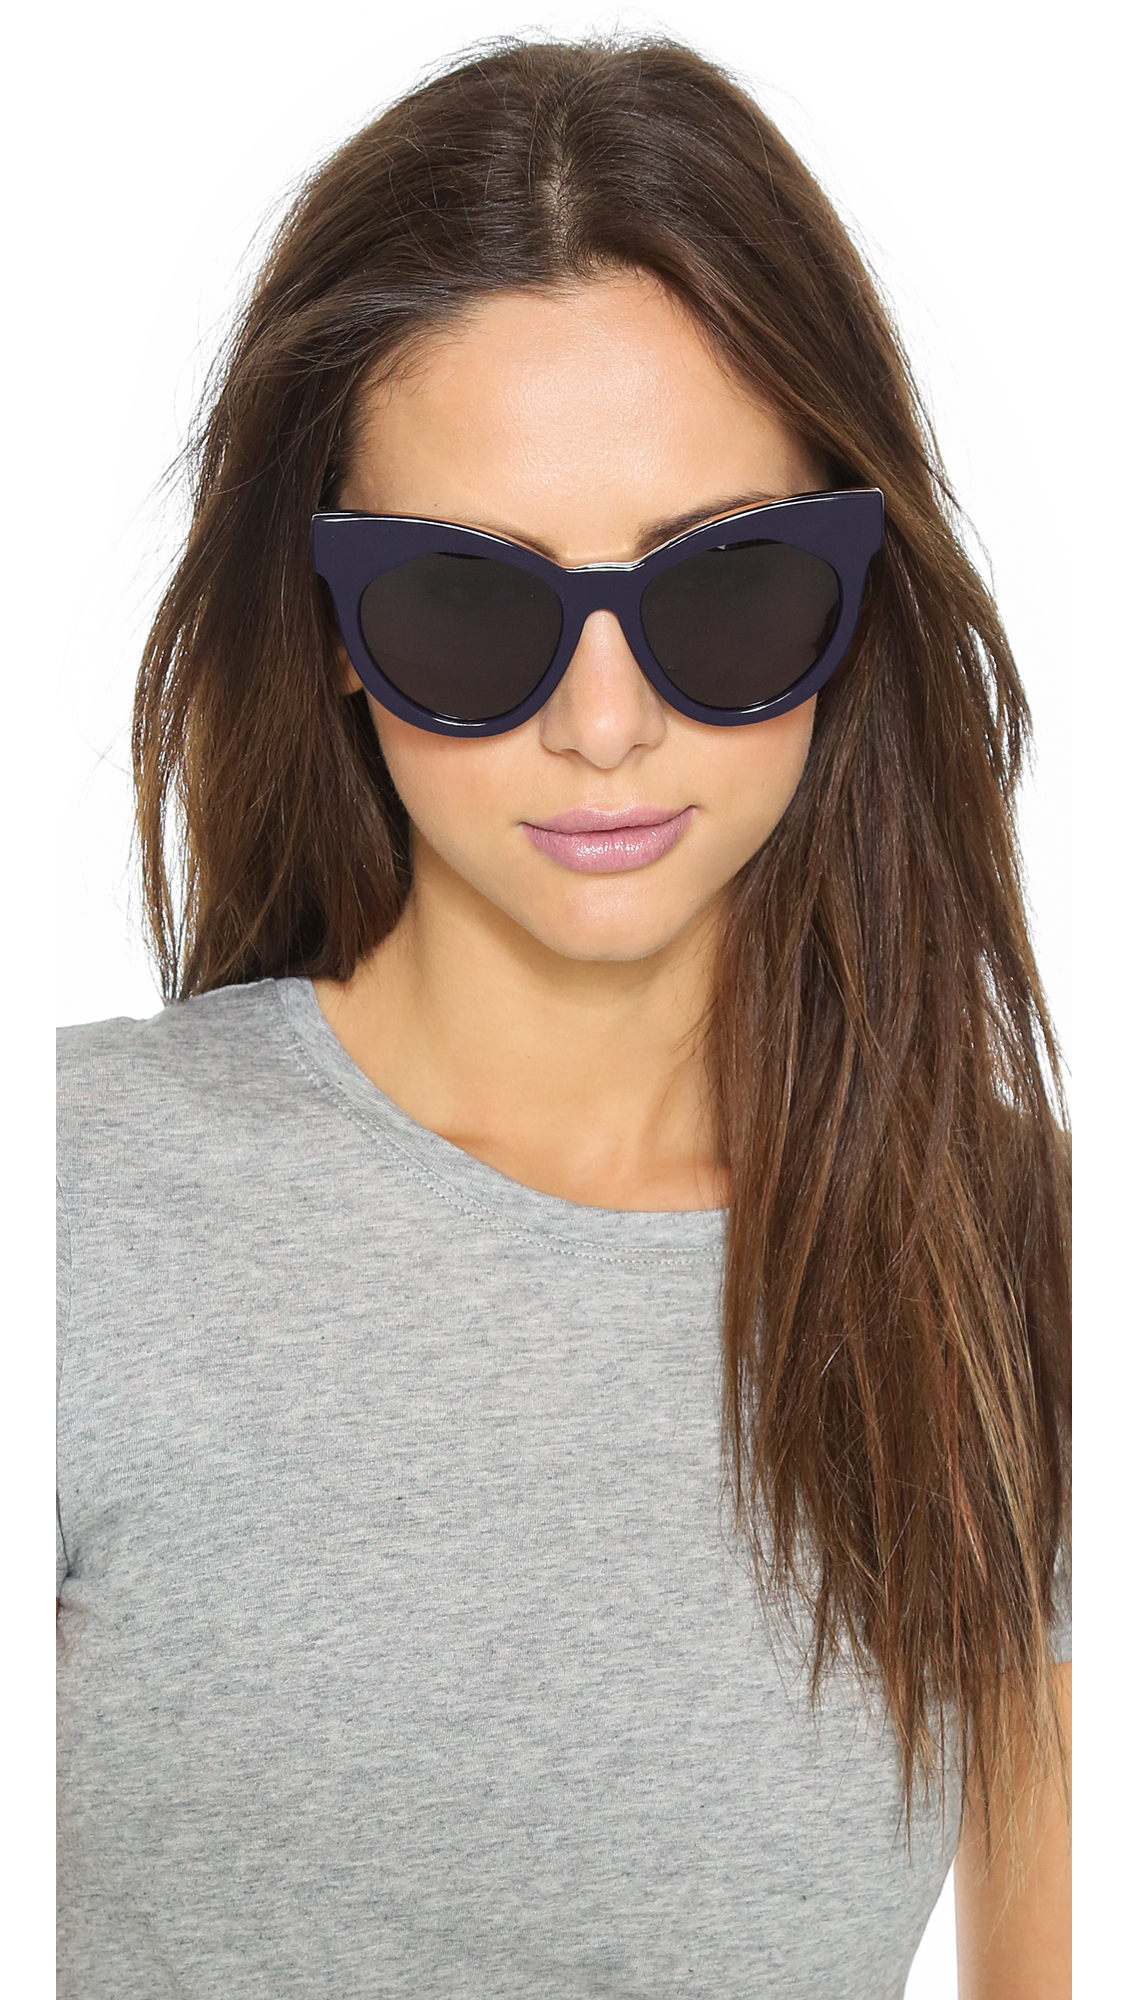 8f2db3c4d13 Karen Walker Starburst Sunglasses